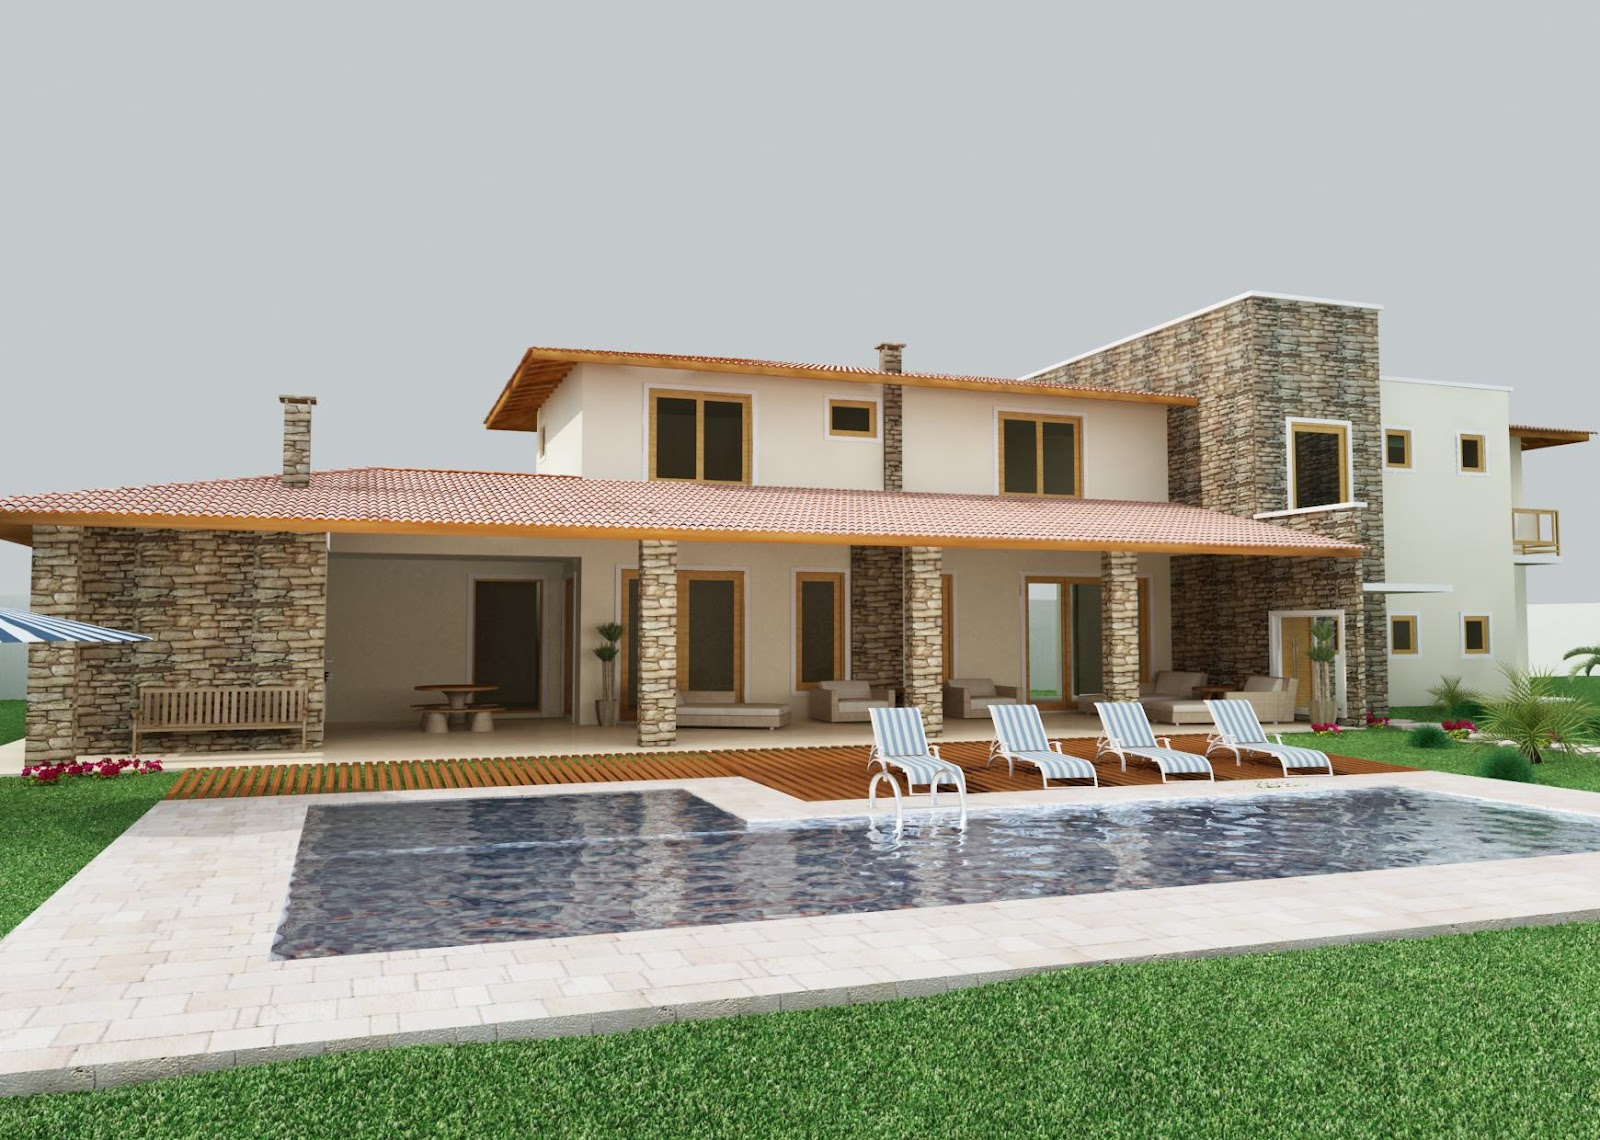 Maquete eletr nica fachada casa de campo arq n dia for Fachadas de casas de campo